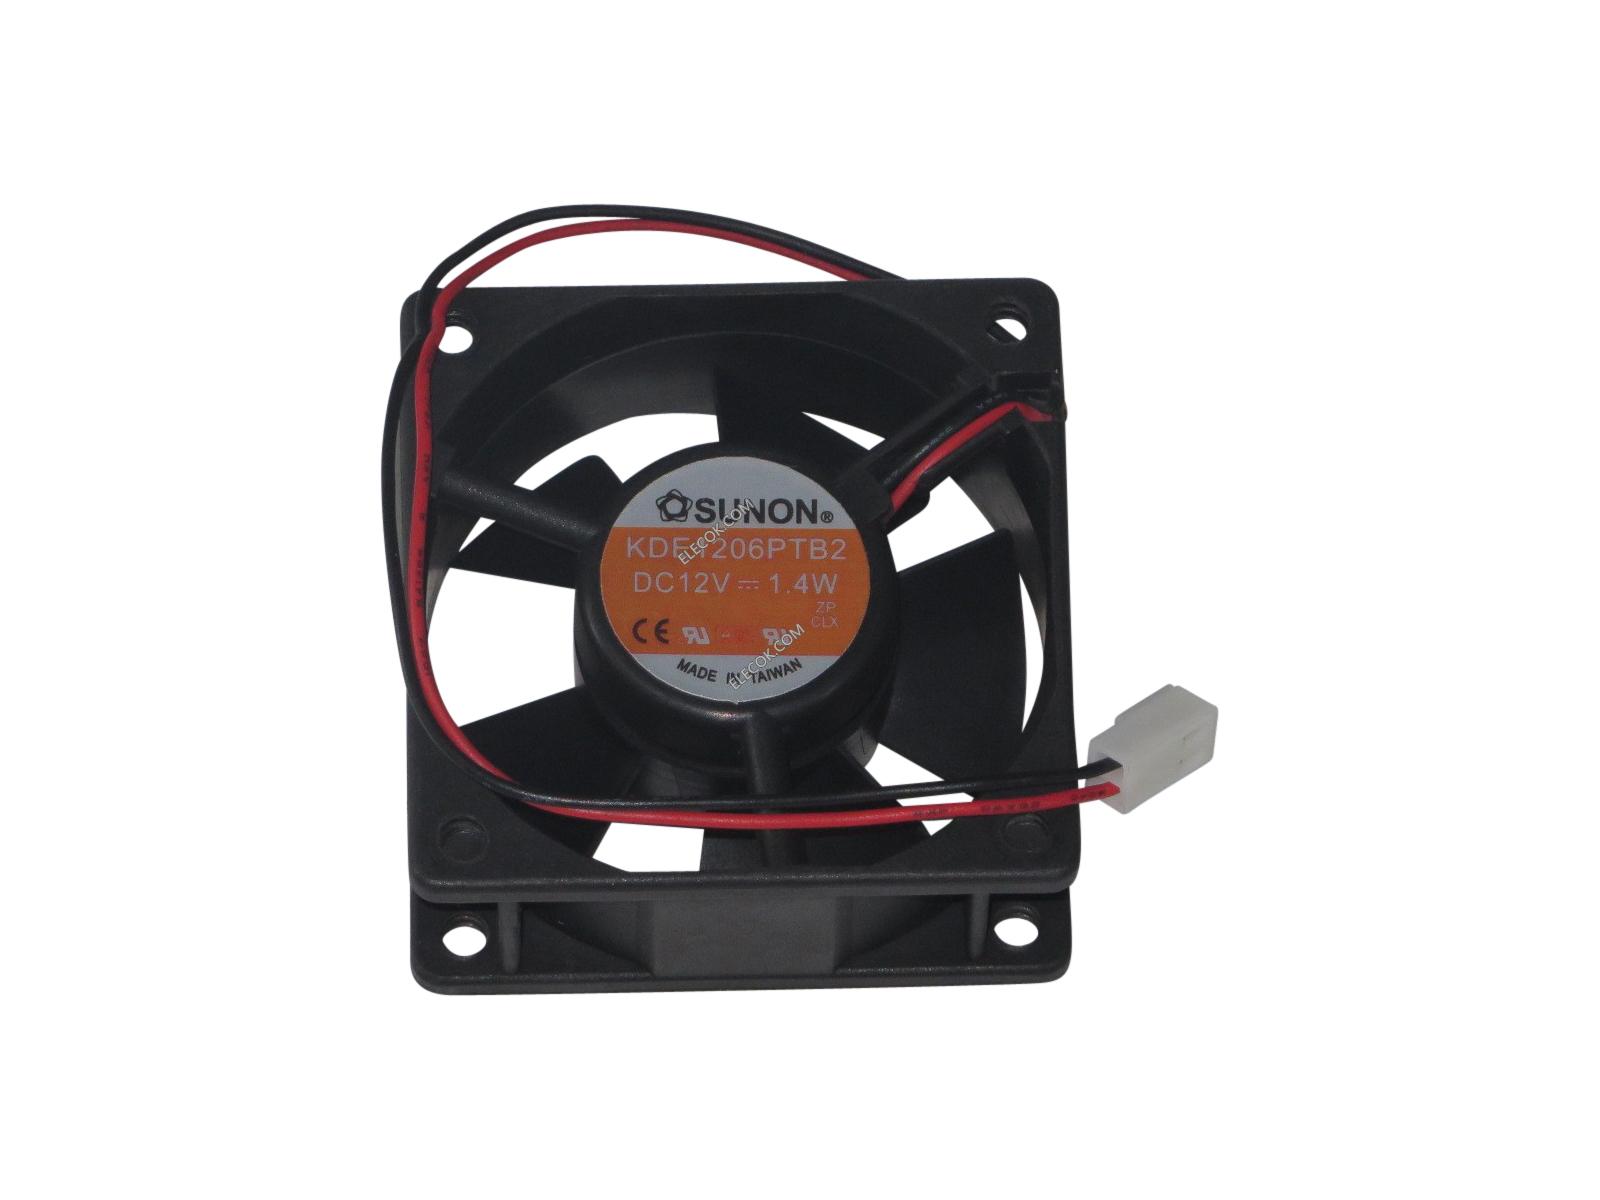 Sunon Kde1206Ptb2 Fan Assy Dc12V 1.4W 2-Wire